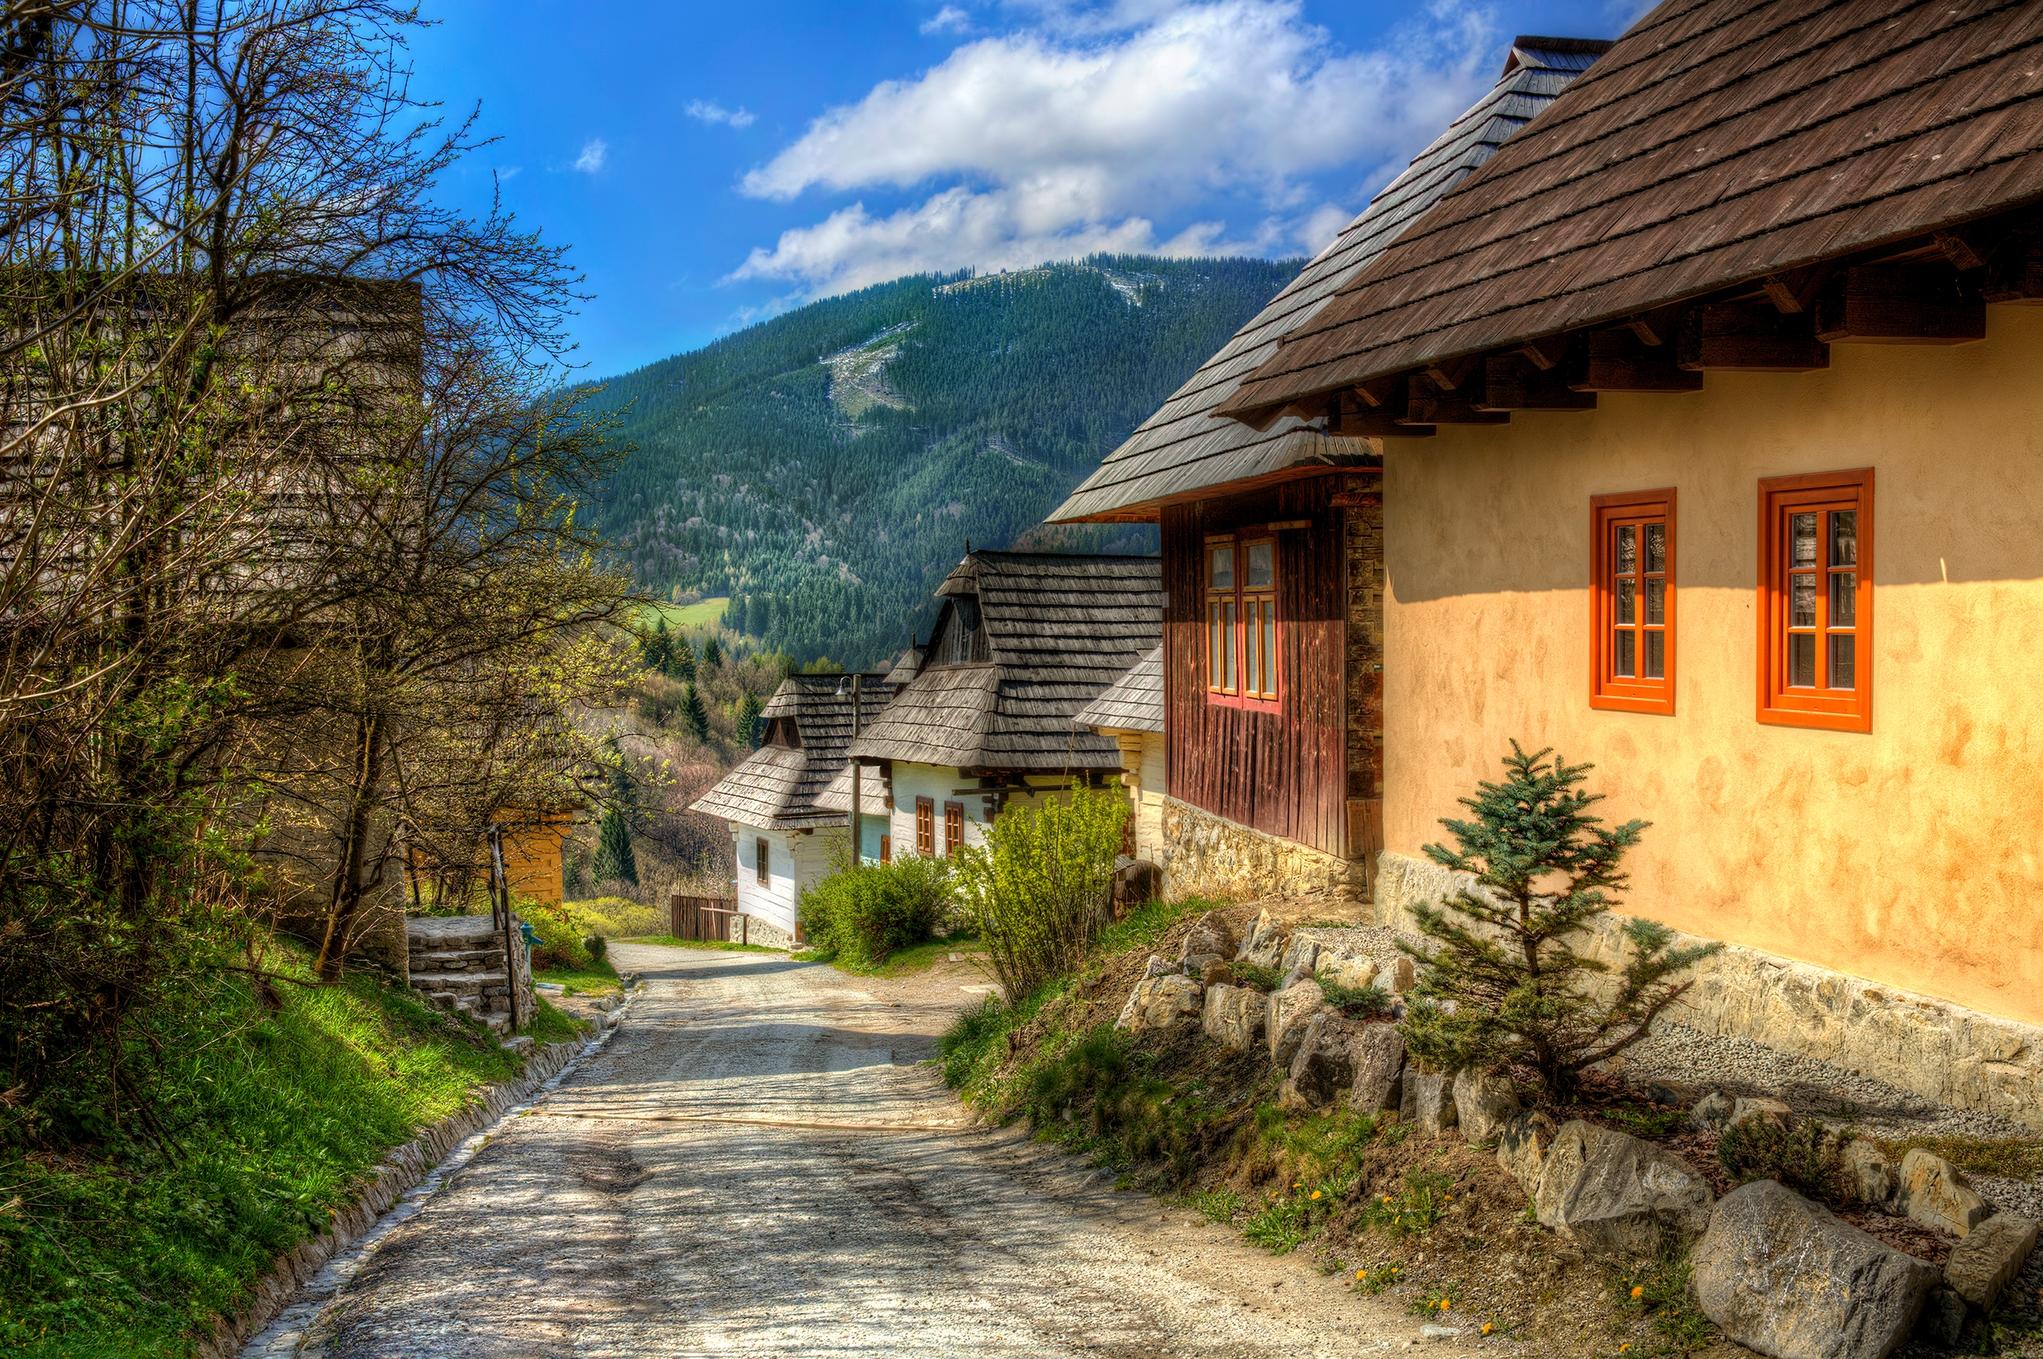 Urlaub abseits des Mainstreams in der Slowakei